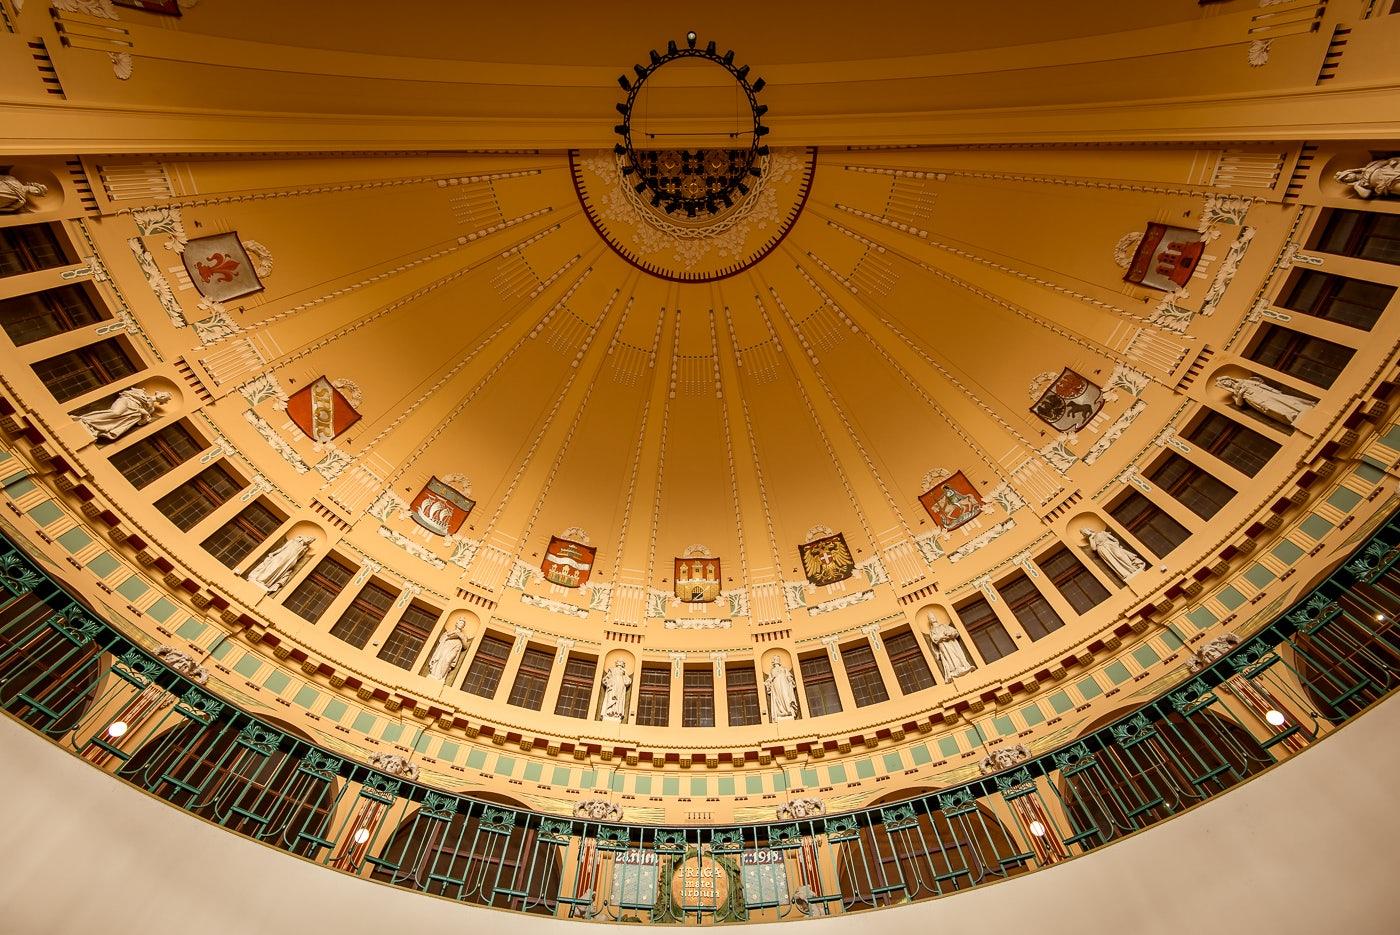 art nouveau style ceiling